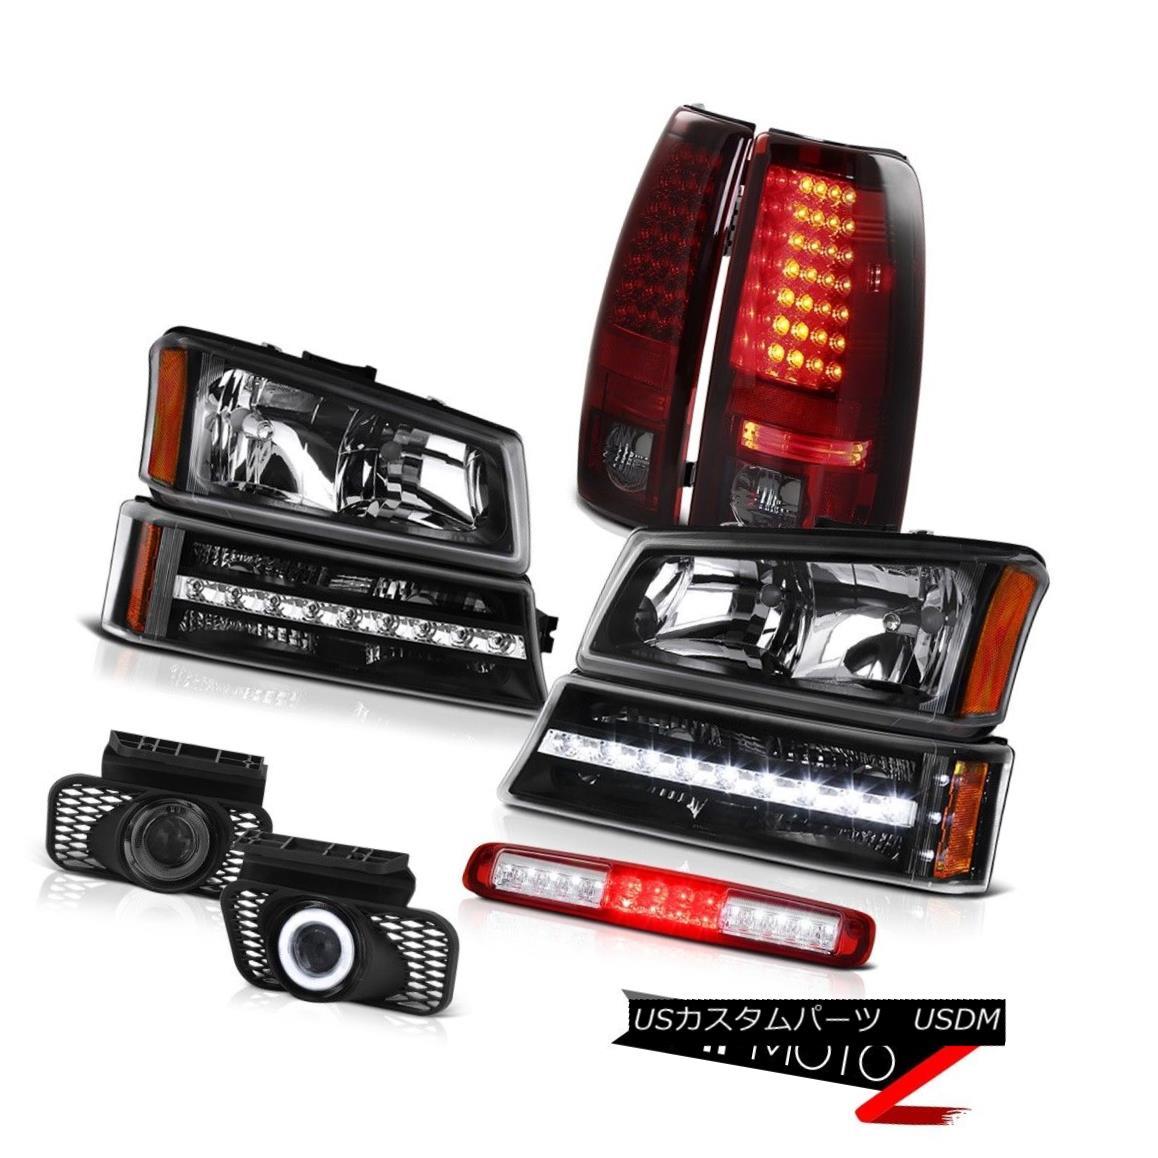 テールライト 03-06 Silverado Red High Stop Lamp Black Headlights Foglamps Parking Taillights 03-06シルバラードレッドハイストップランプブラックヘッドライトフォグランプパーキングテールライト